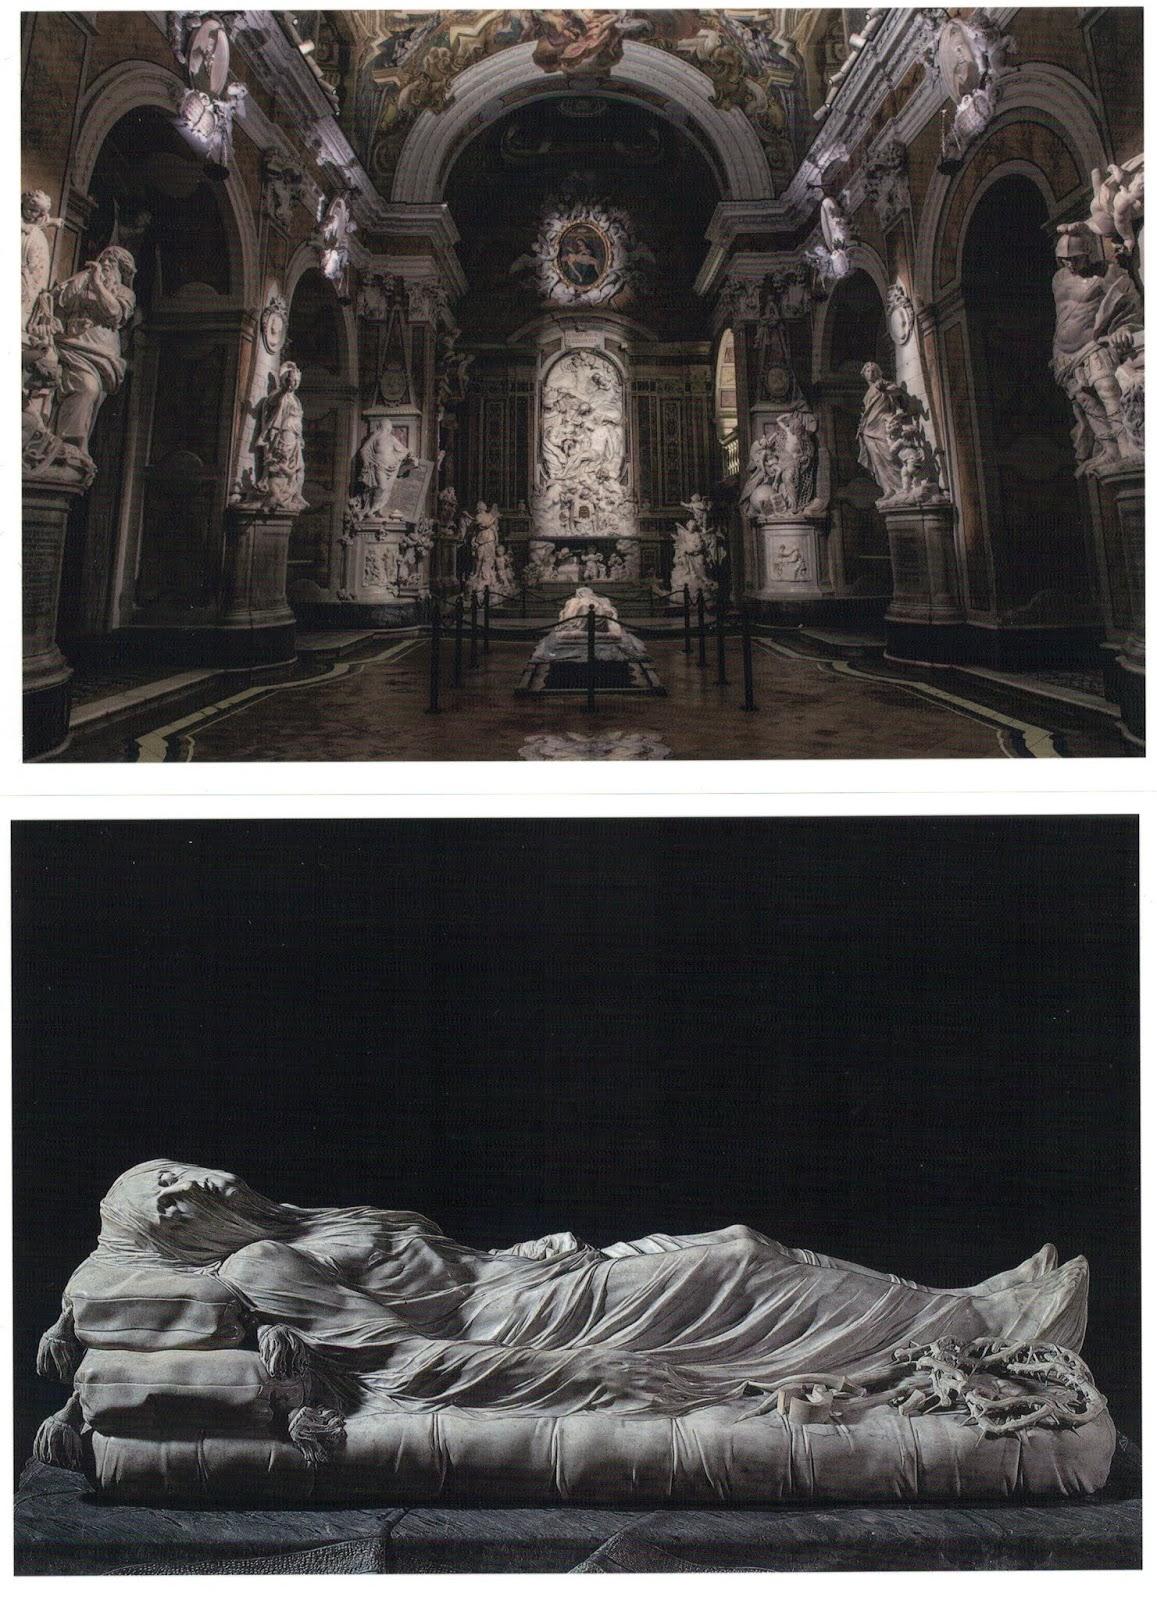 Raimondo di Sangro, principe di Sansevero con la Cappella Sansevero, Cristo Velato